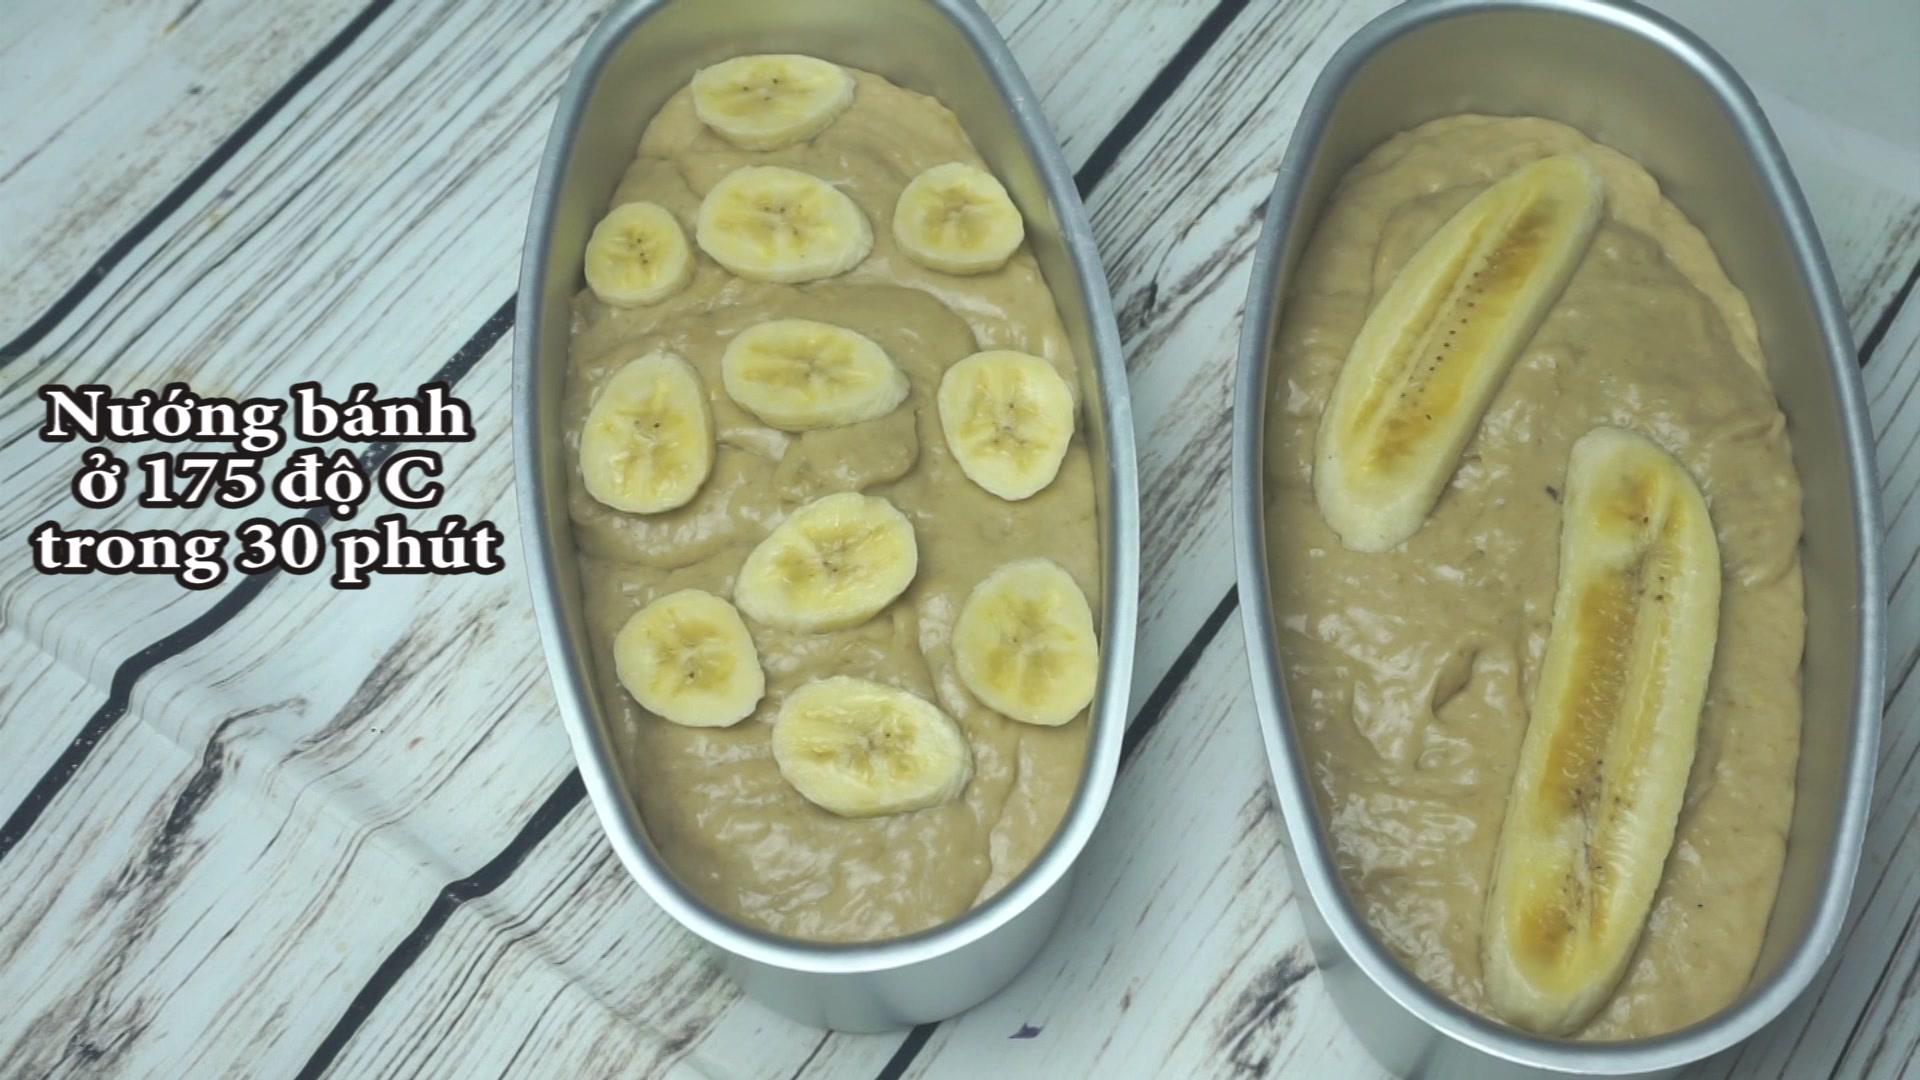 Cách làm bánh bông lan chuối thơm ngon bổ dưỡng cho bữa sáng gia đình-67 cách làm bánh bông lan chuối Siêu ngon với cách làm bánh bông lan chuối bổ dưỡng cho bữa sáng cach lam banh bong lan chuoi thom ngon bo duong cho bua sang gia dinh 6